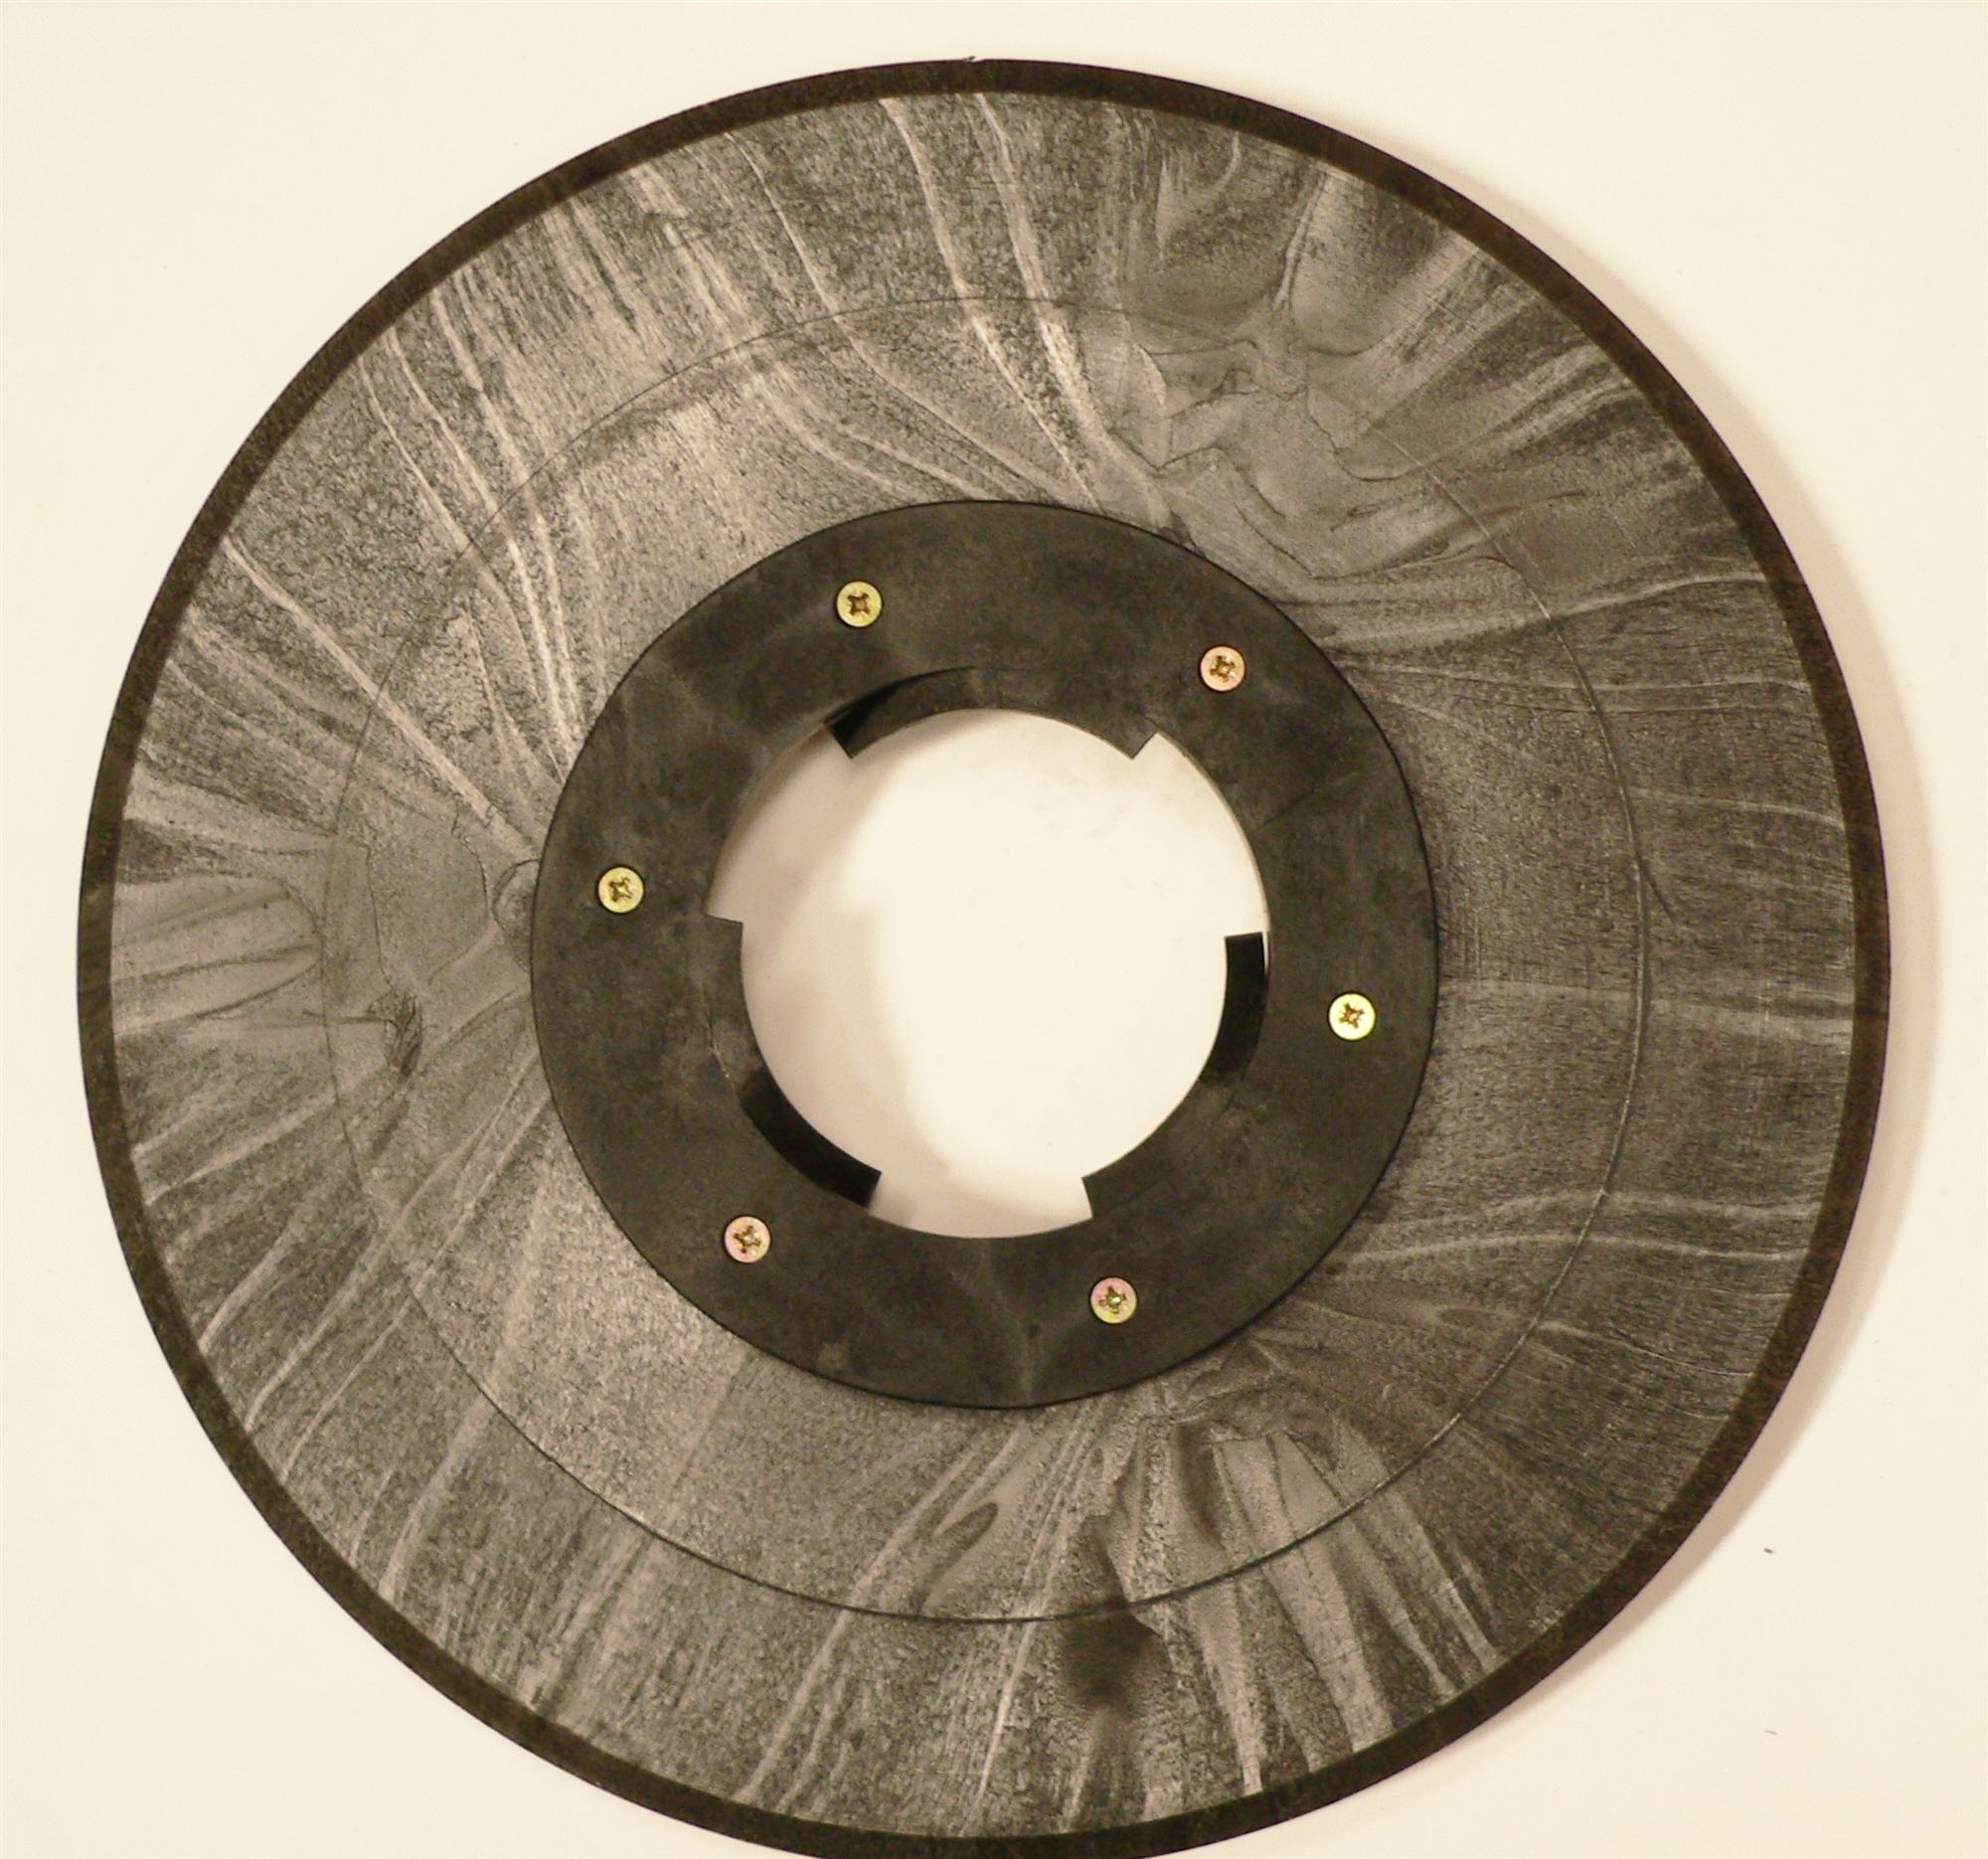 plateau porte disque monobrosse alto et monobrosse cleanfix. Black Bedroom Furniture Sets. Home Design Ideas